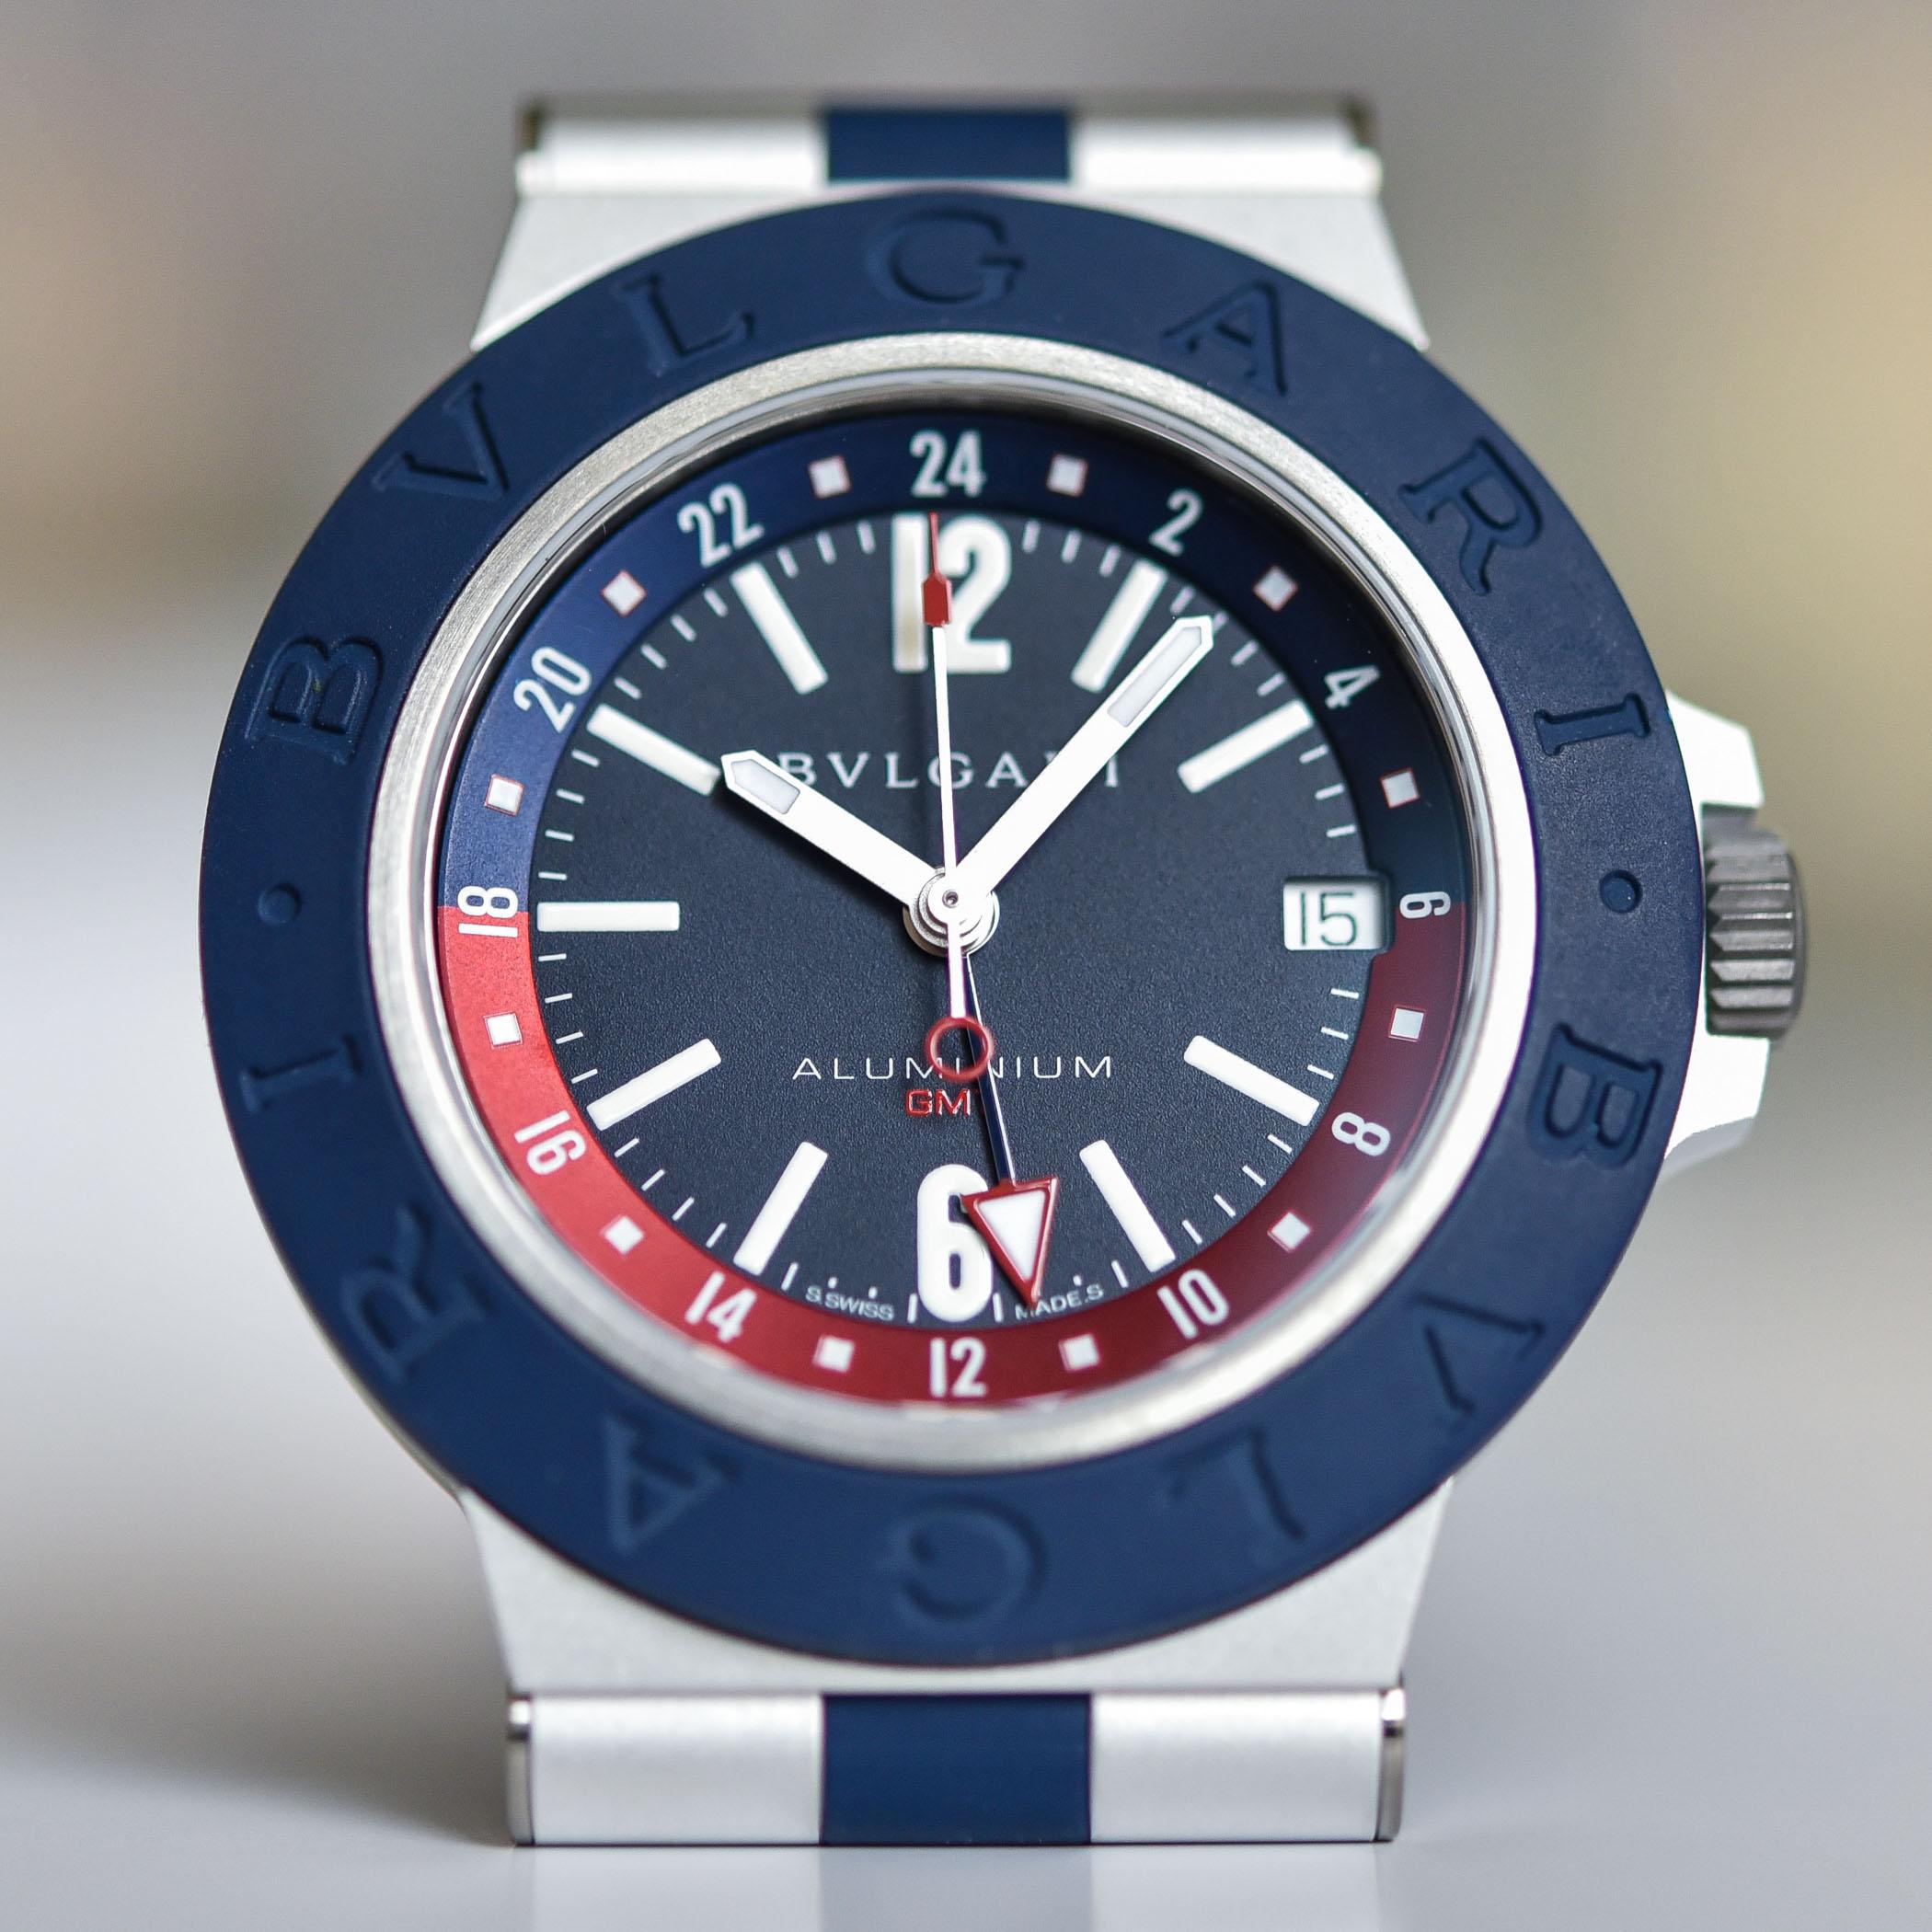 2021 Bvlgari Bvlgari Aluminium GMT 103554